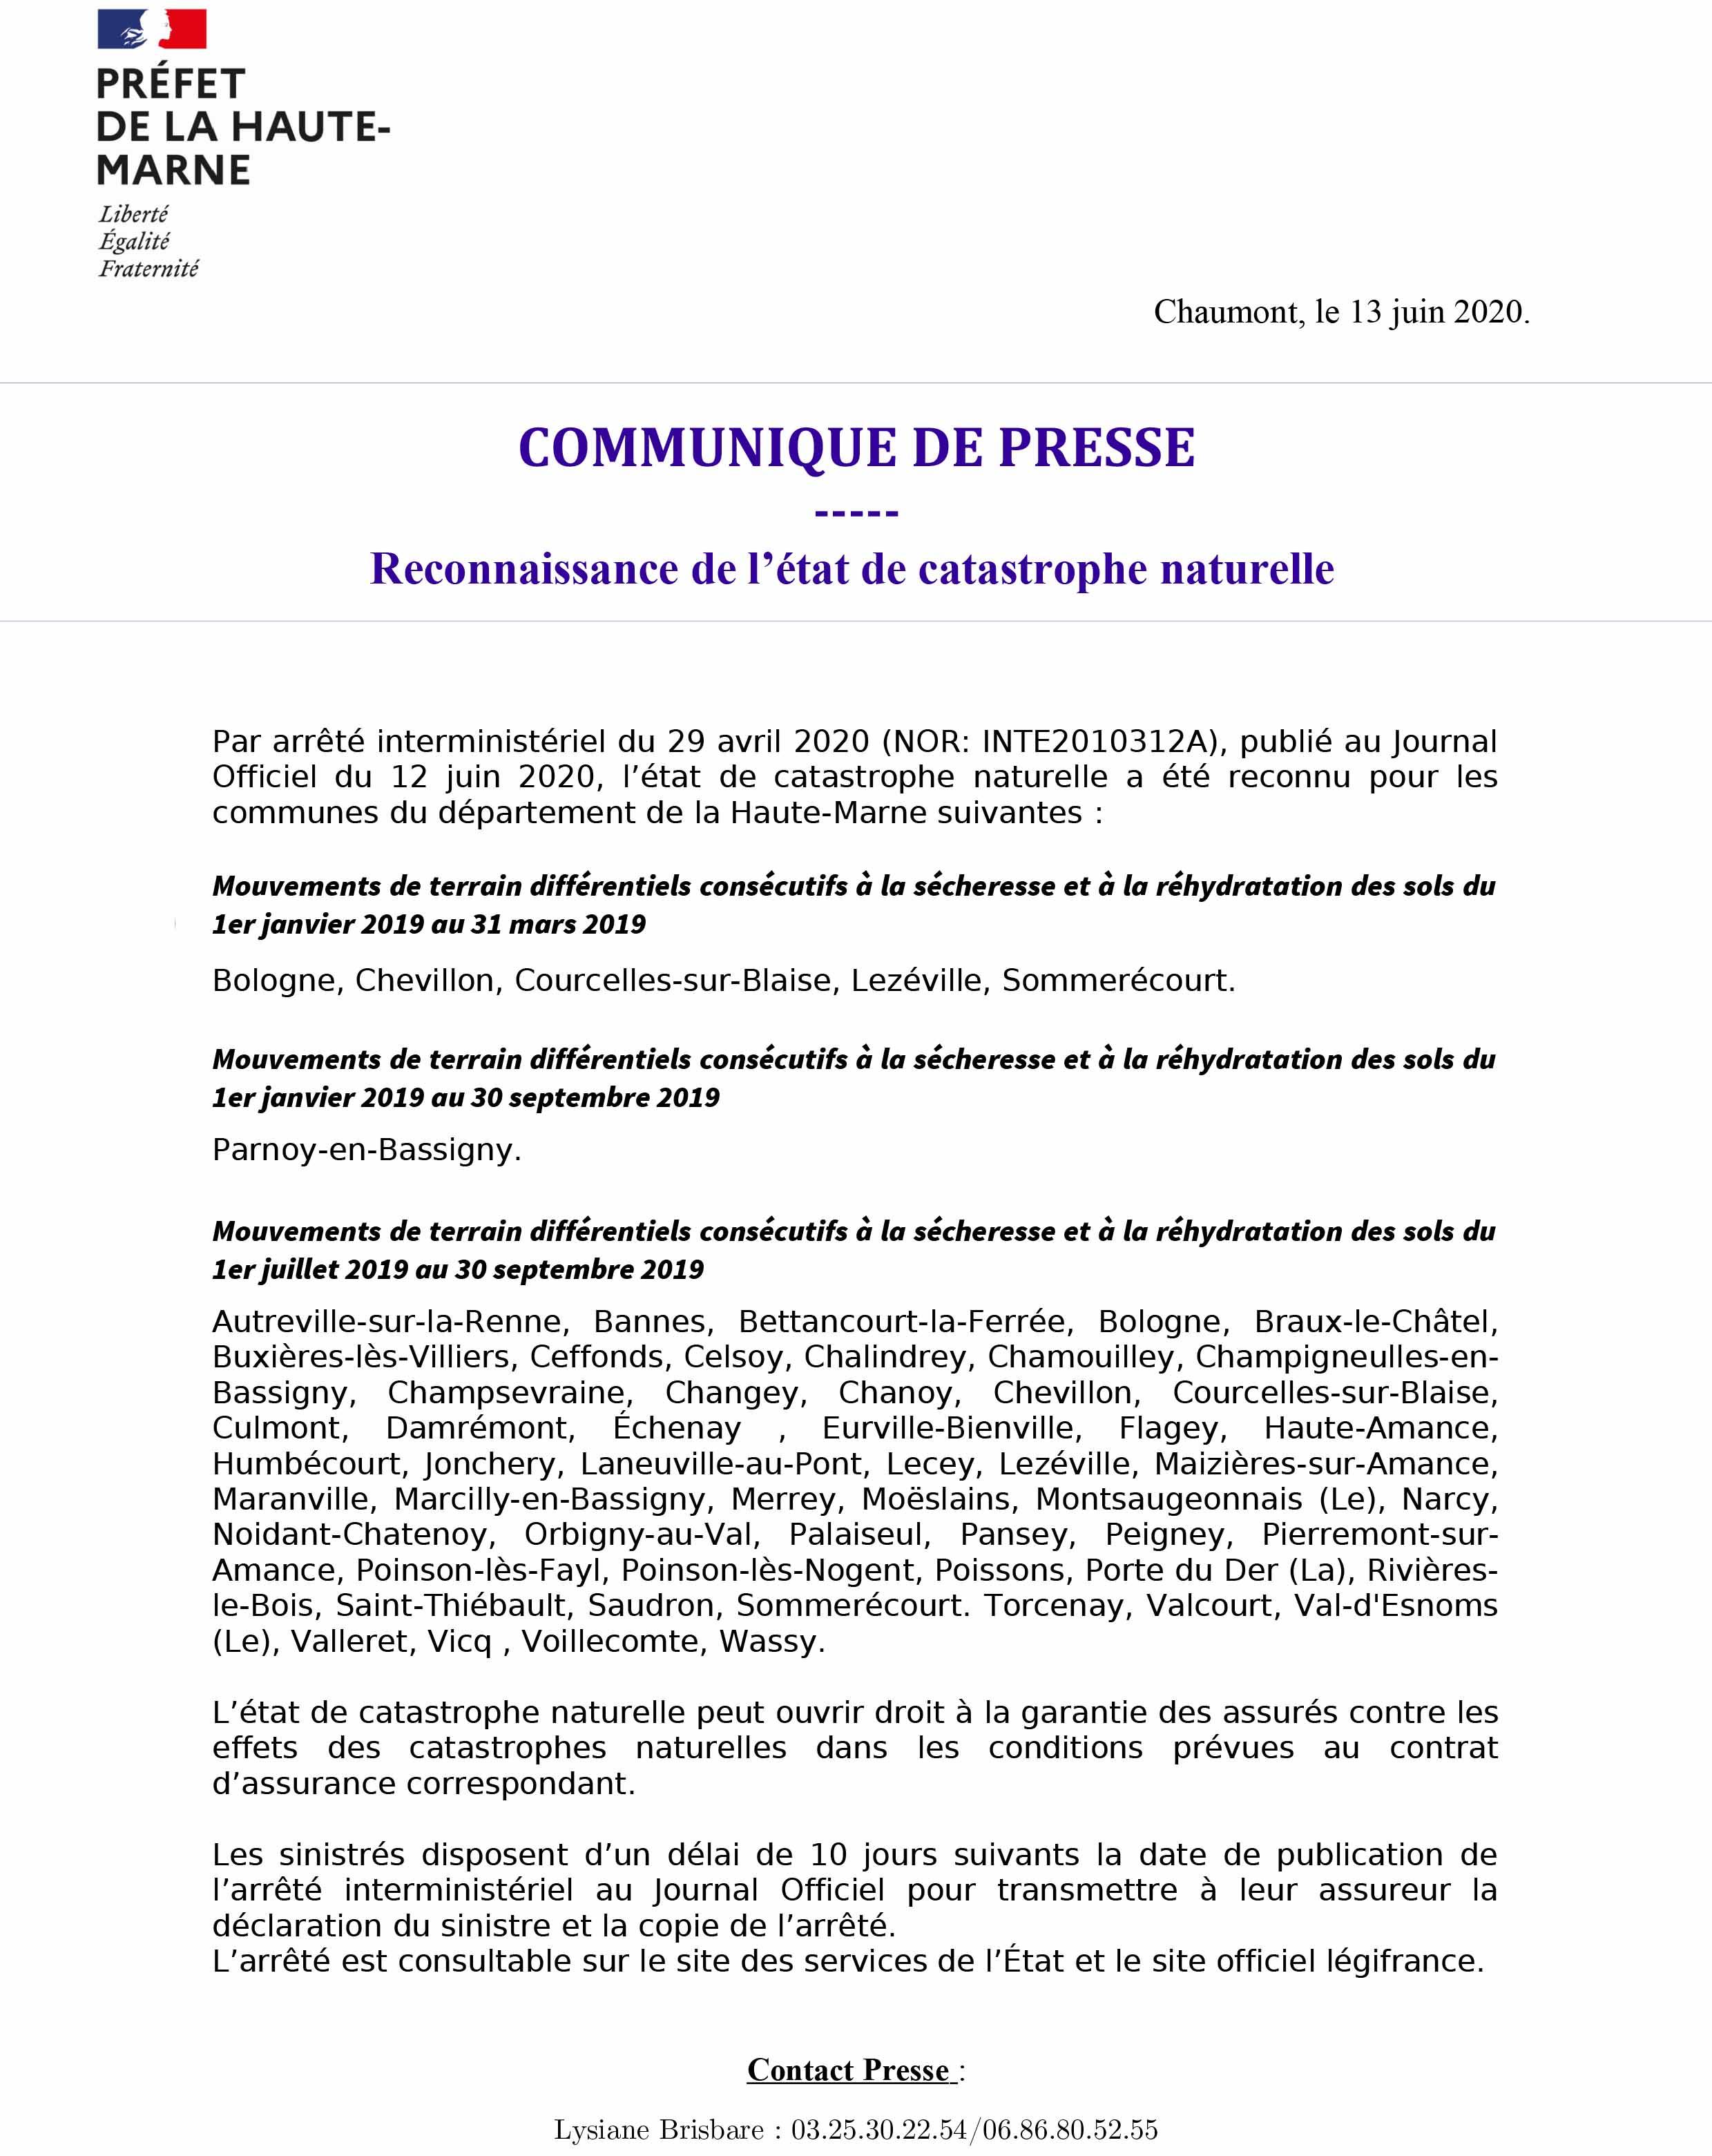 RECONNAISSANCE DE L'ÉTAT CATASTROPHE NATURELLE